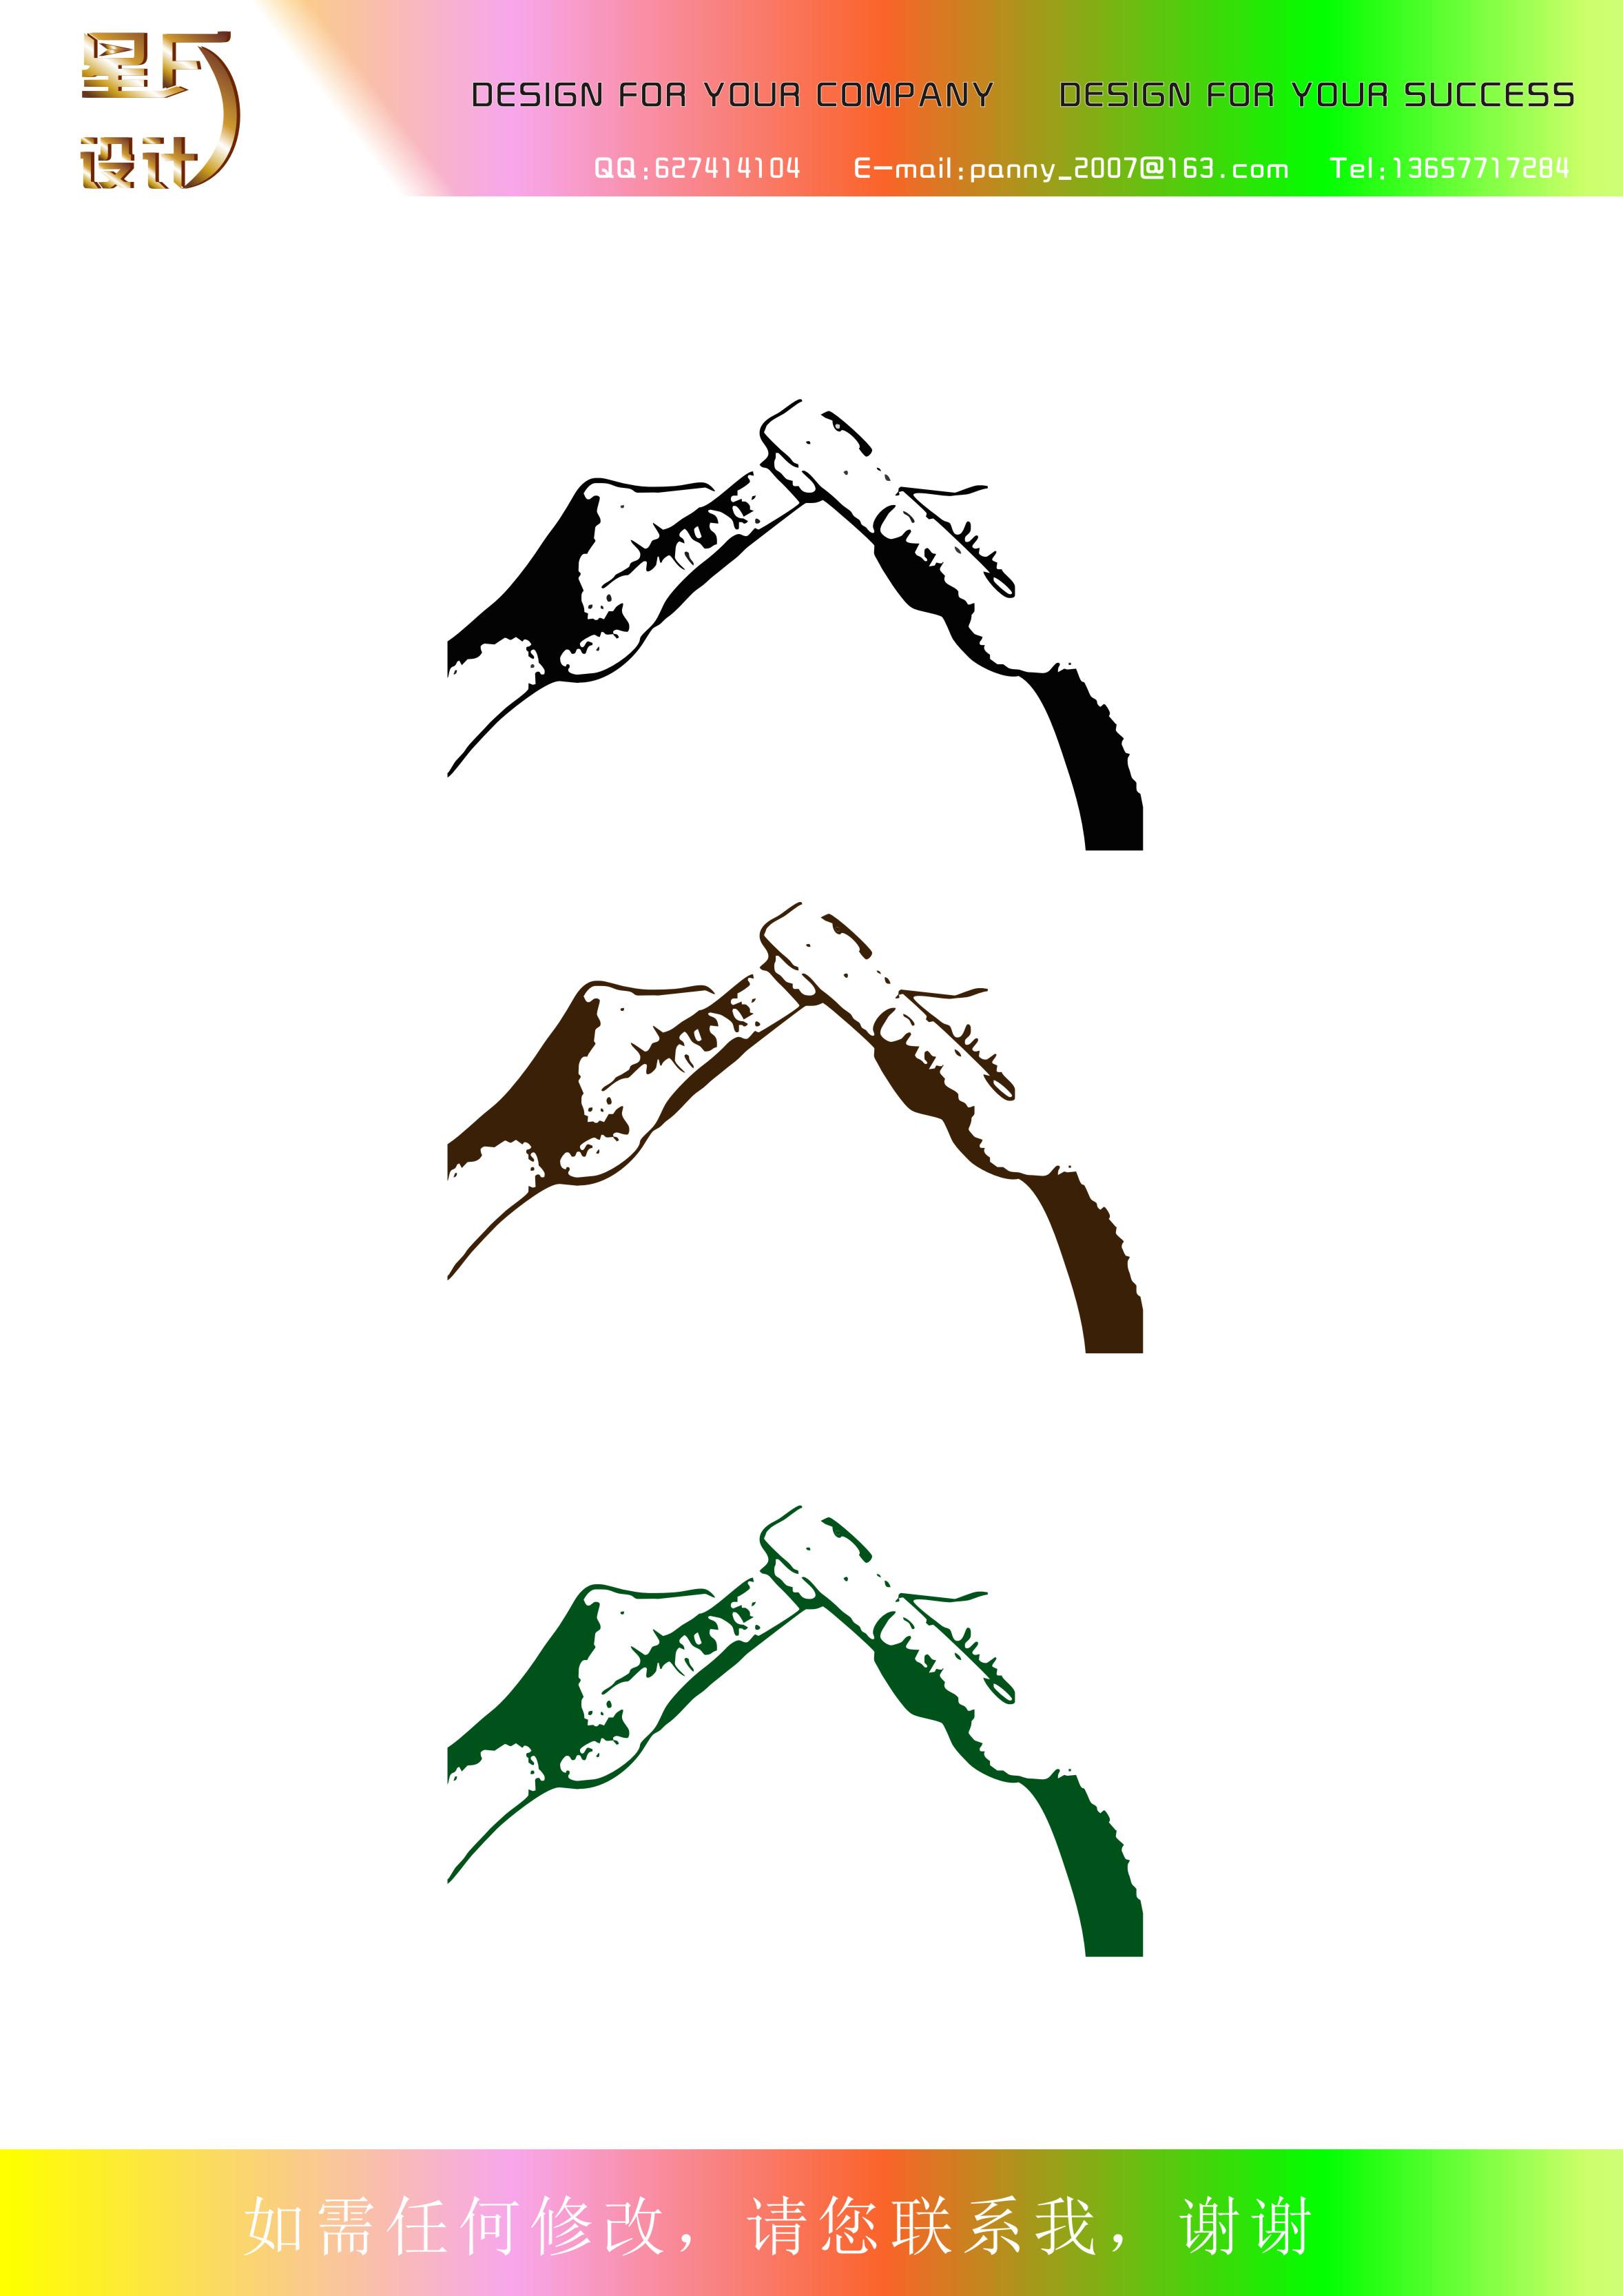 把照片变成简约的手绘单色效果